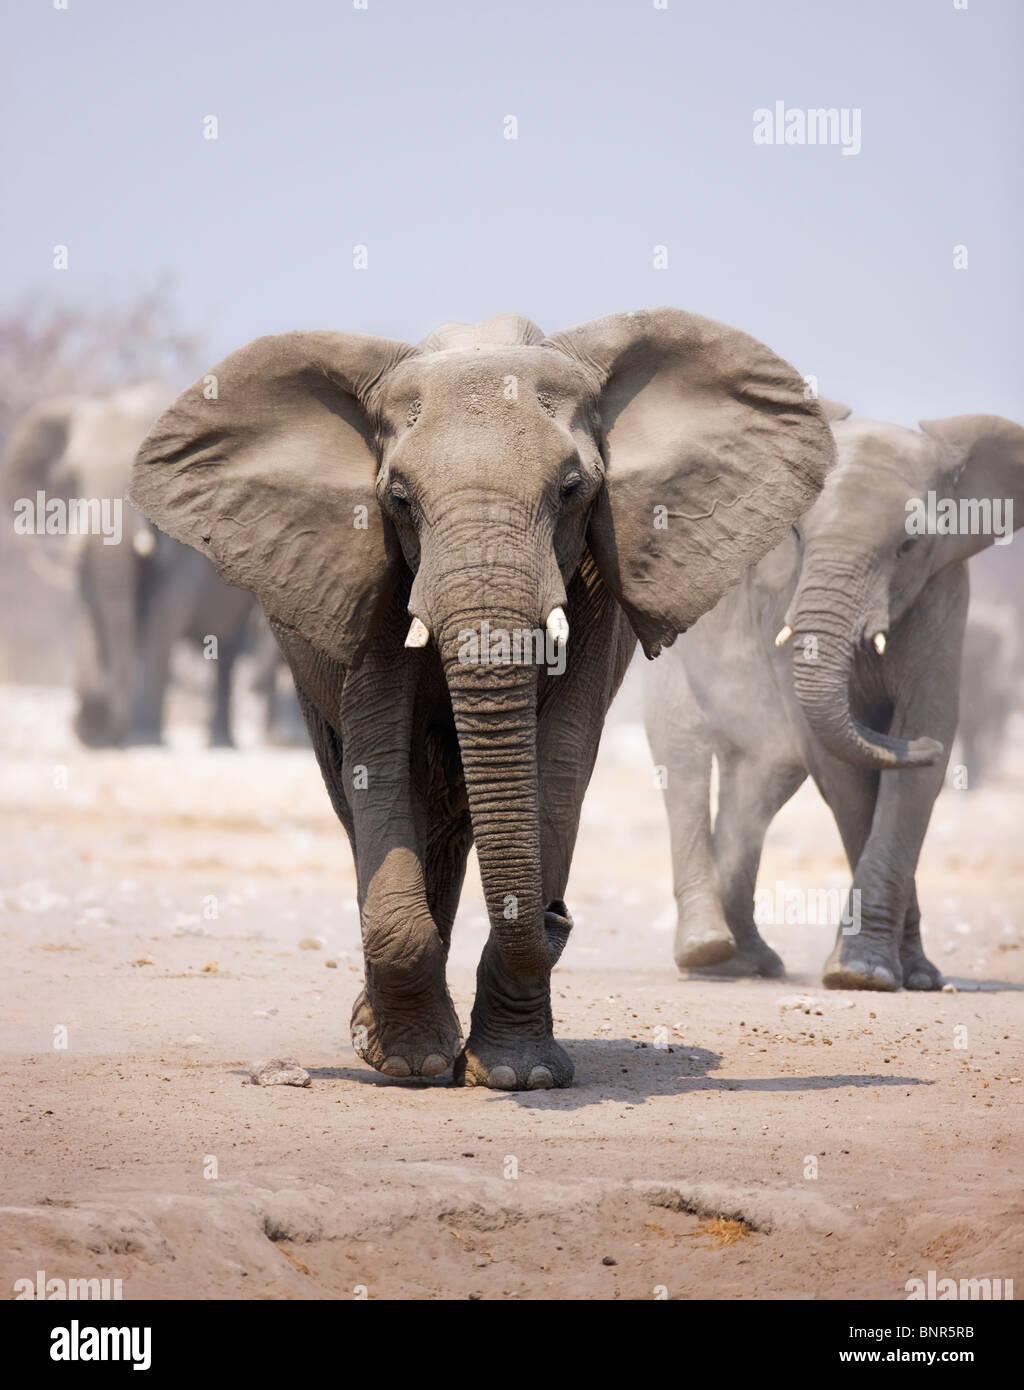 Acerca de elefantes más polvorienta arena con rebaño siguiente en segundo plano (Etosha desierto) Imagen De Stock